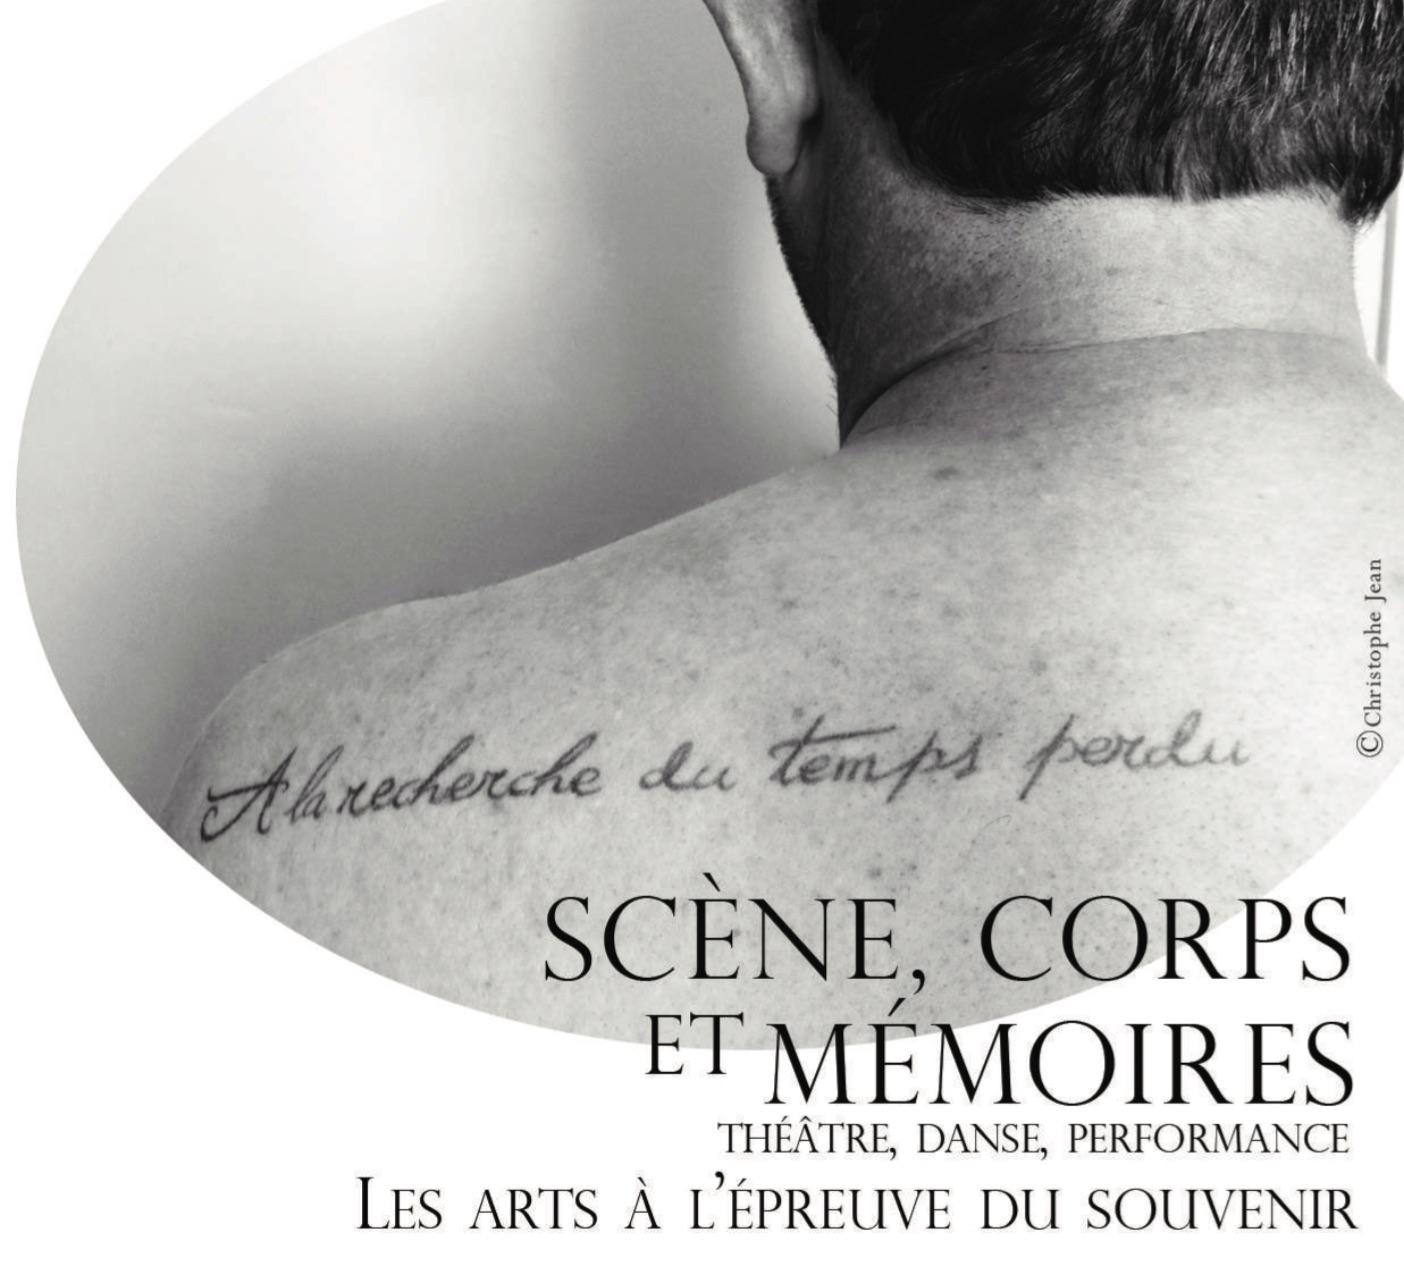 Scène, corps et mémoires. La scène à l'épreuve du souvenir